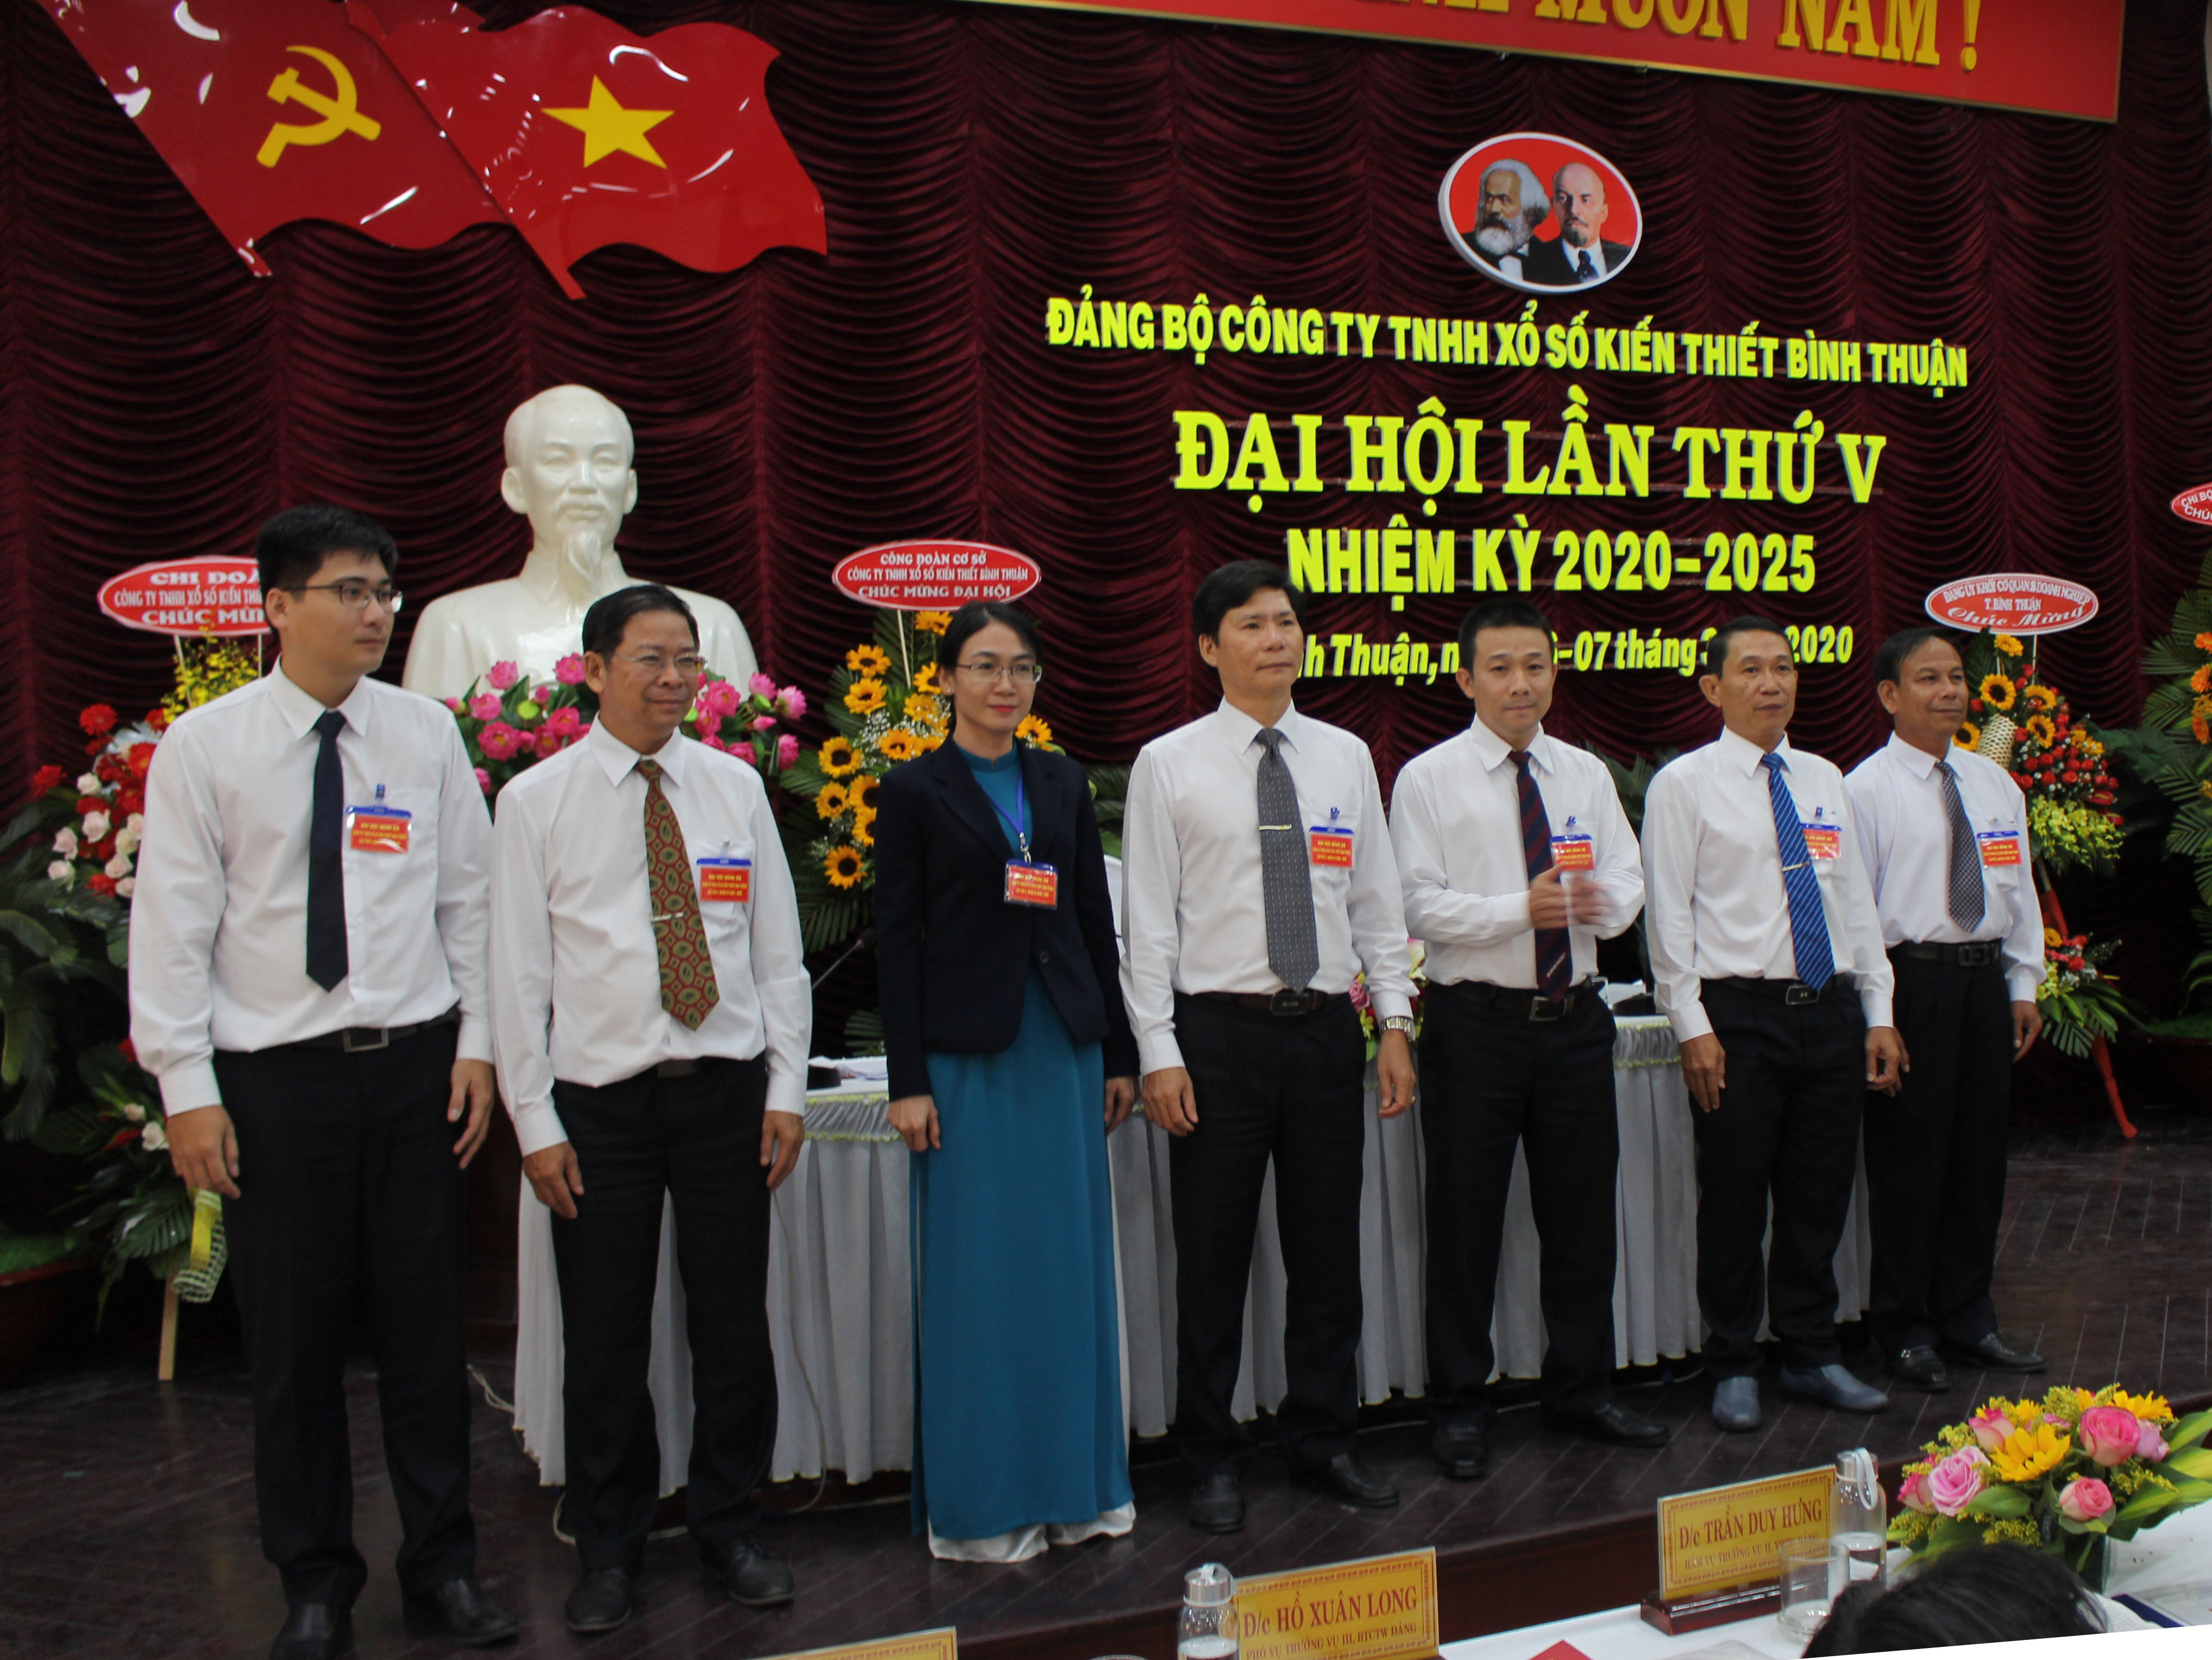 Đảng bộ Công ty TNHH MTV Xổ số kiến thiết Bình Thuận: Phấn đấu đạt mức tăng trưởng hằng năm từ 1-3%